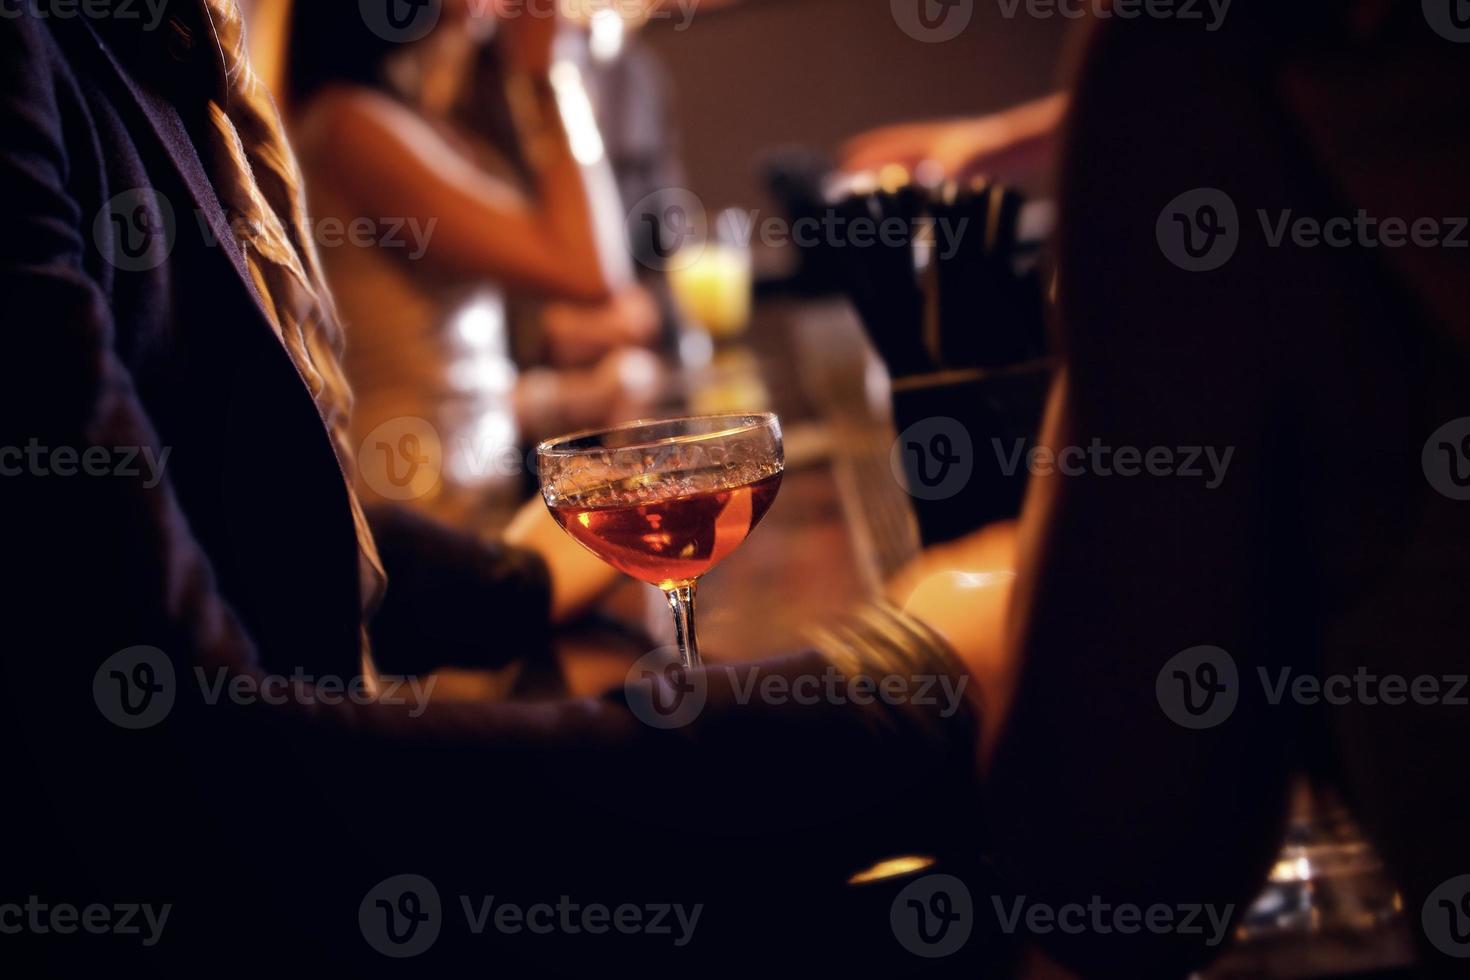 partij mensen met wijnglas op focus foto